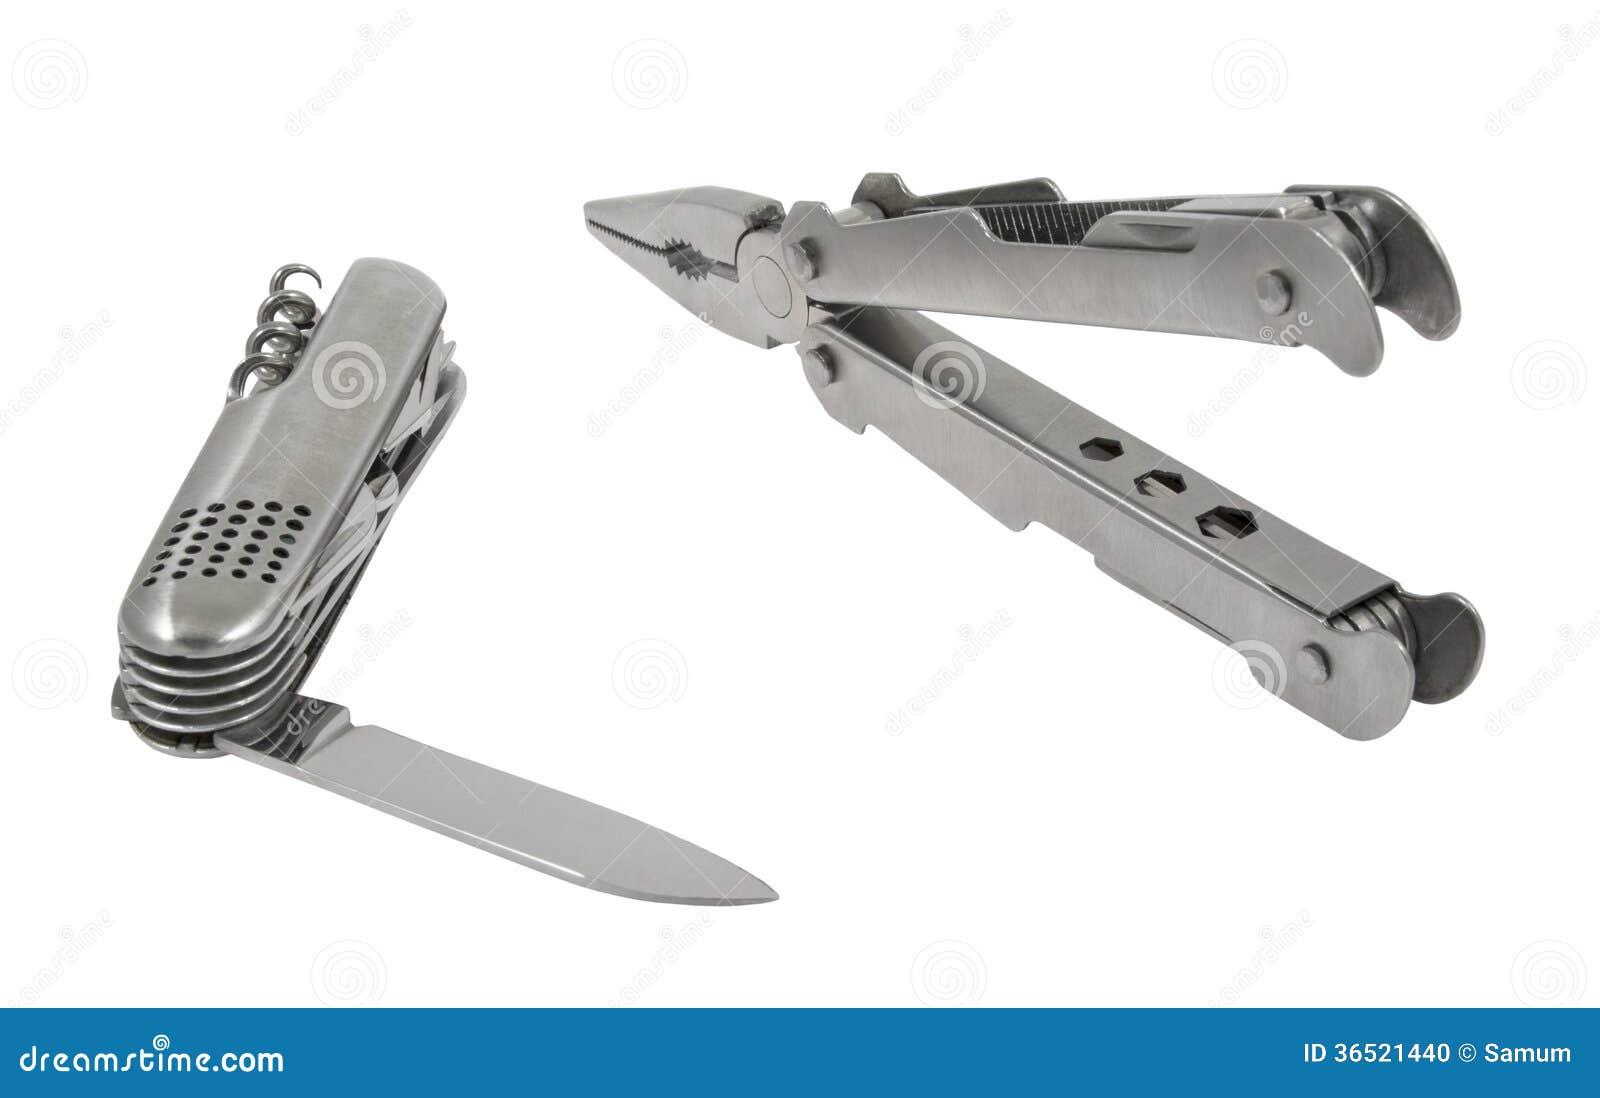 Couteau multifonctionnel et couteau de poche